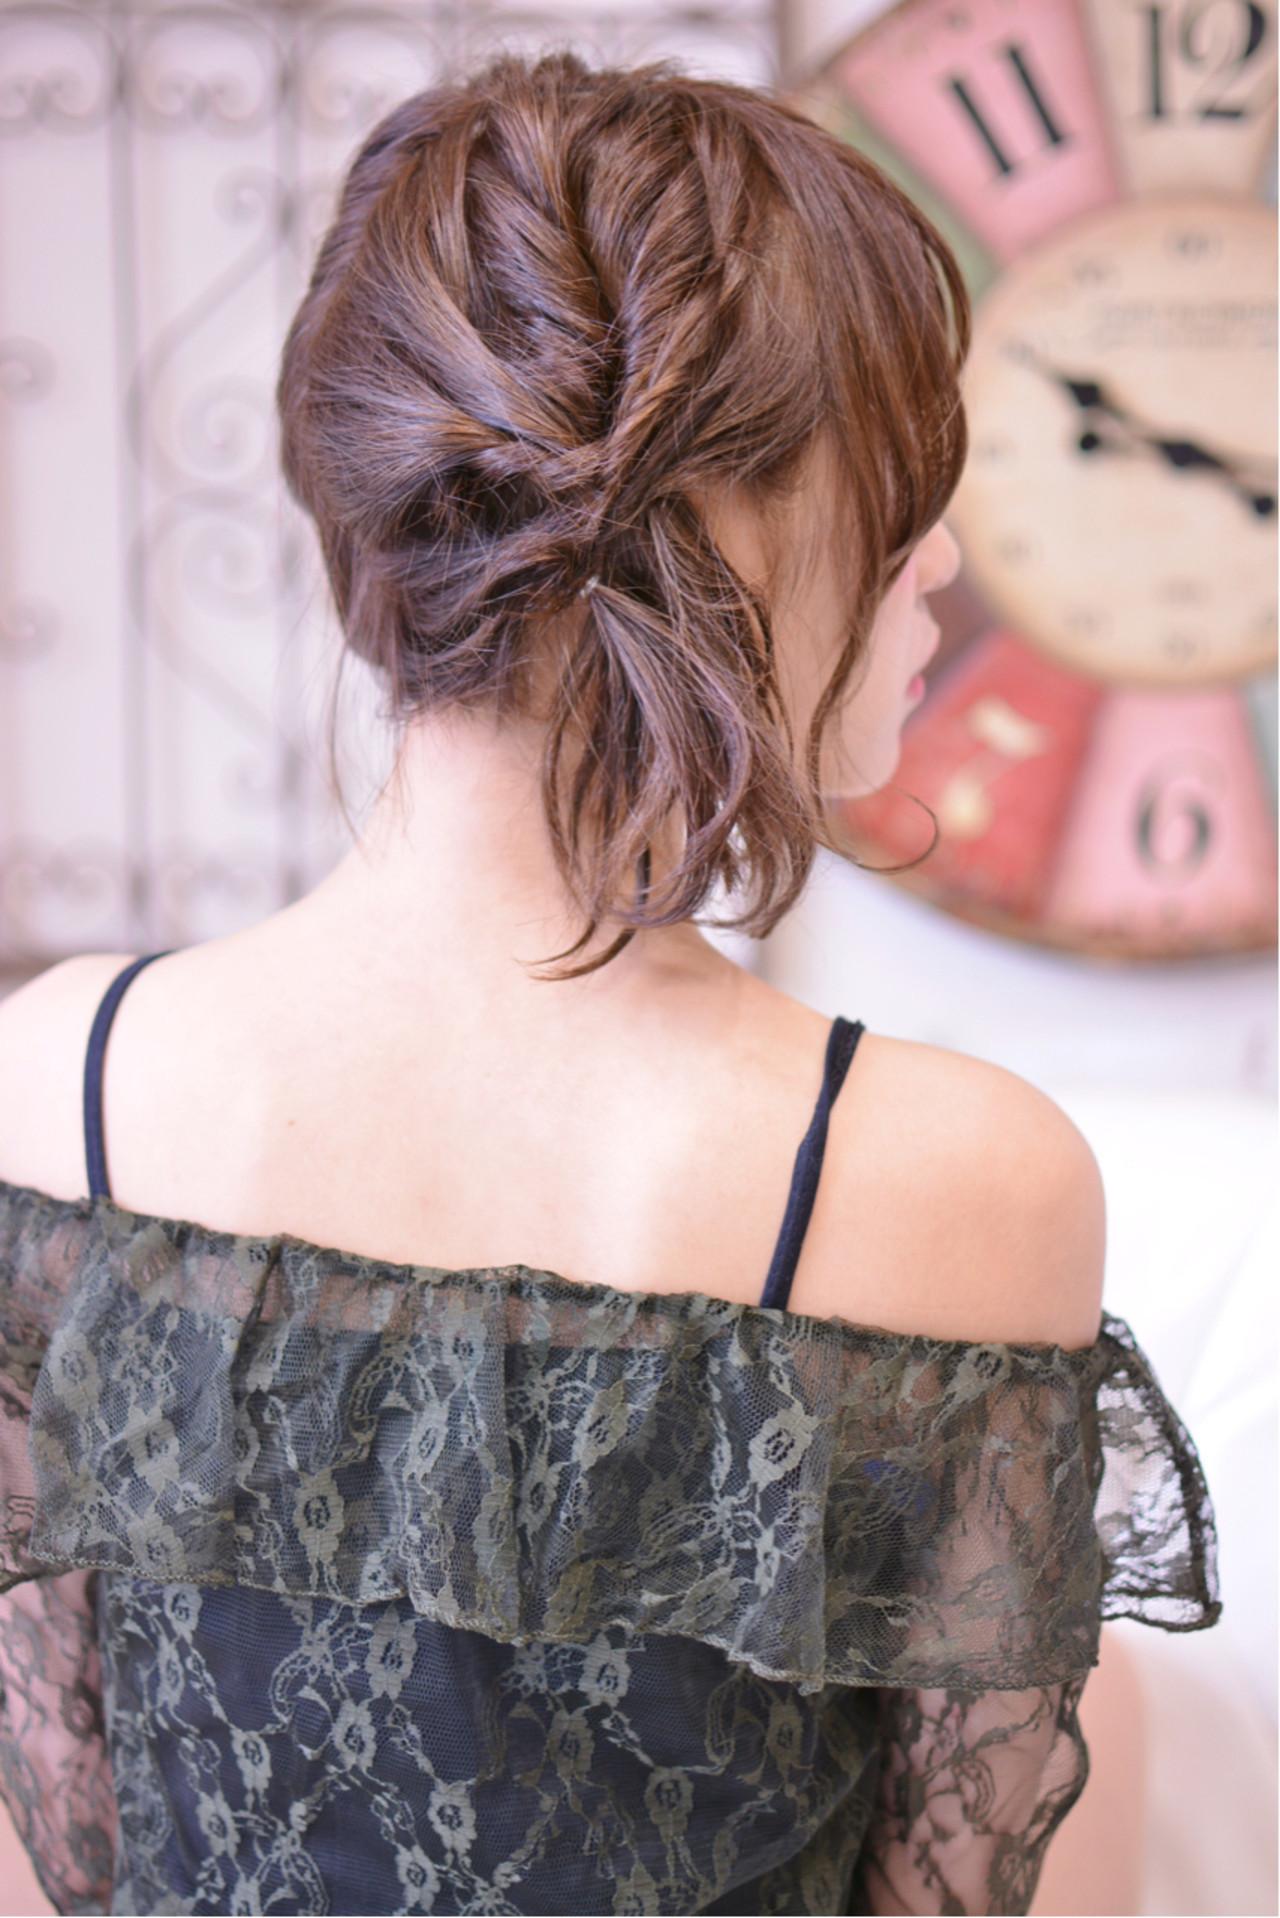 デート ガーリー ツインテール ミディアム ヘアスタイルや髪型の写真・画像